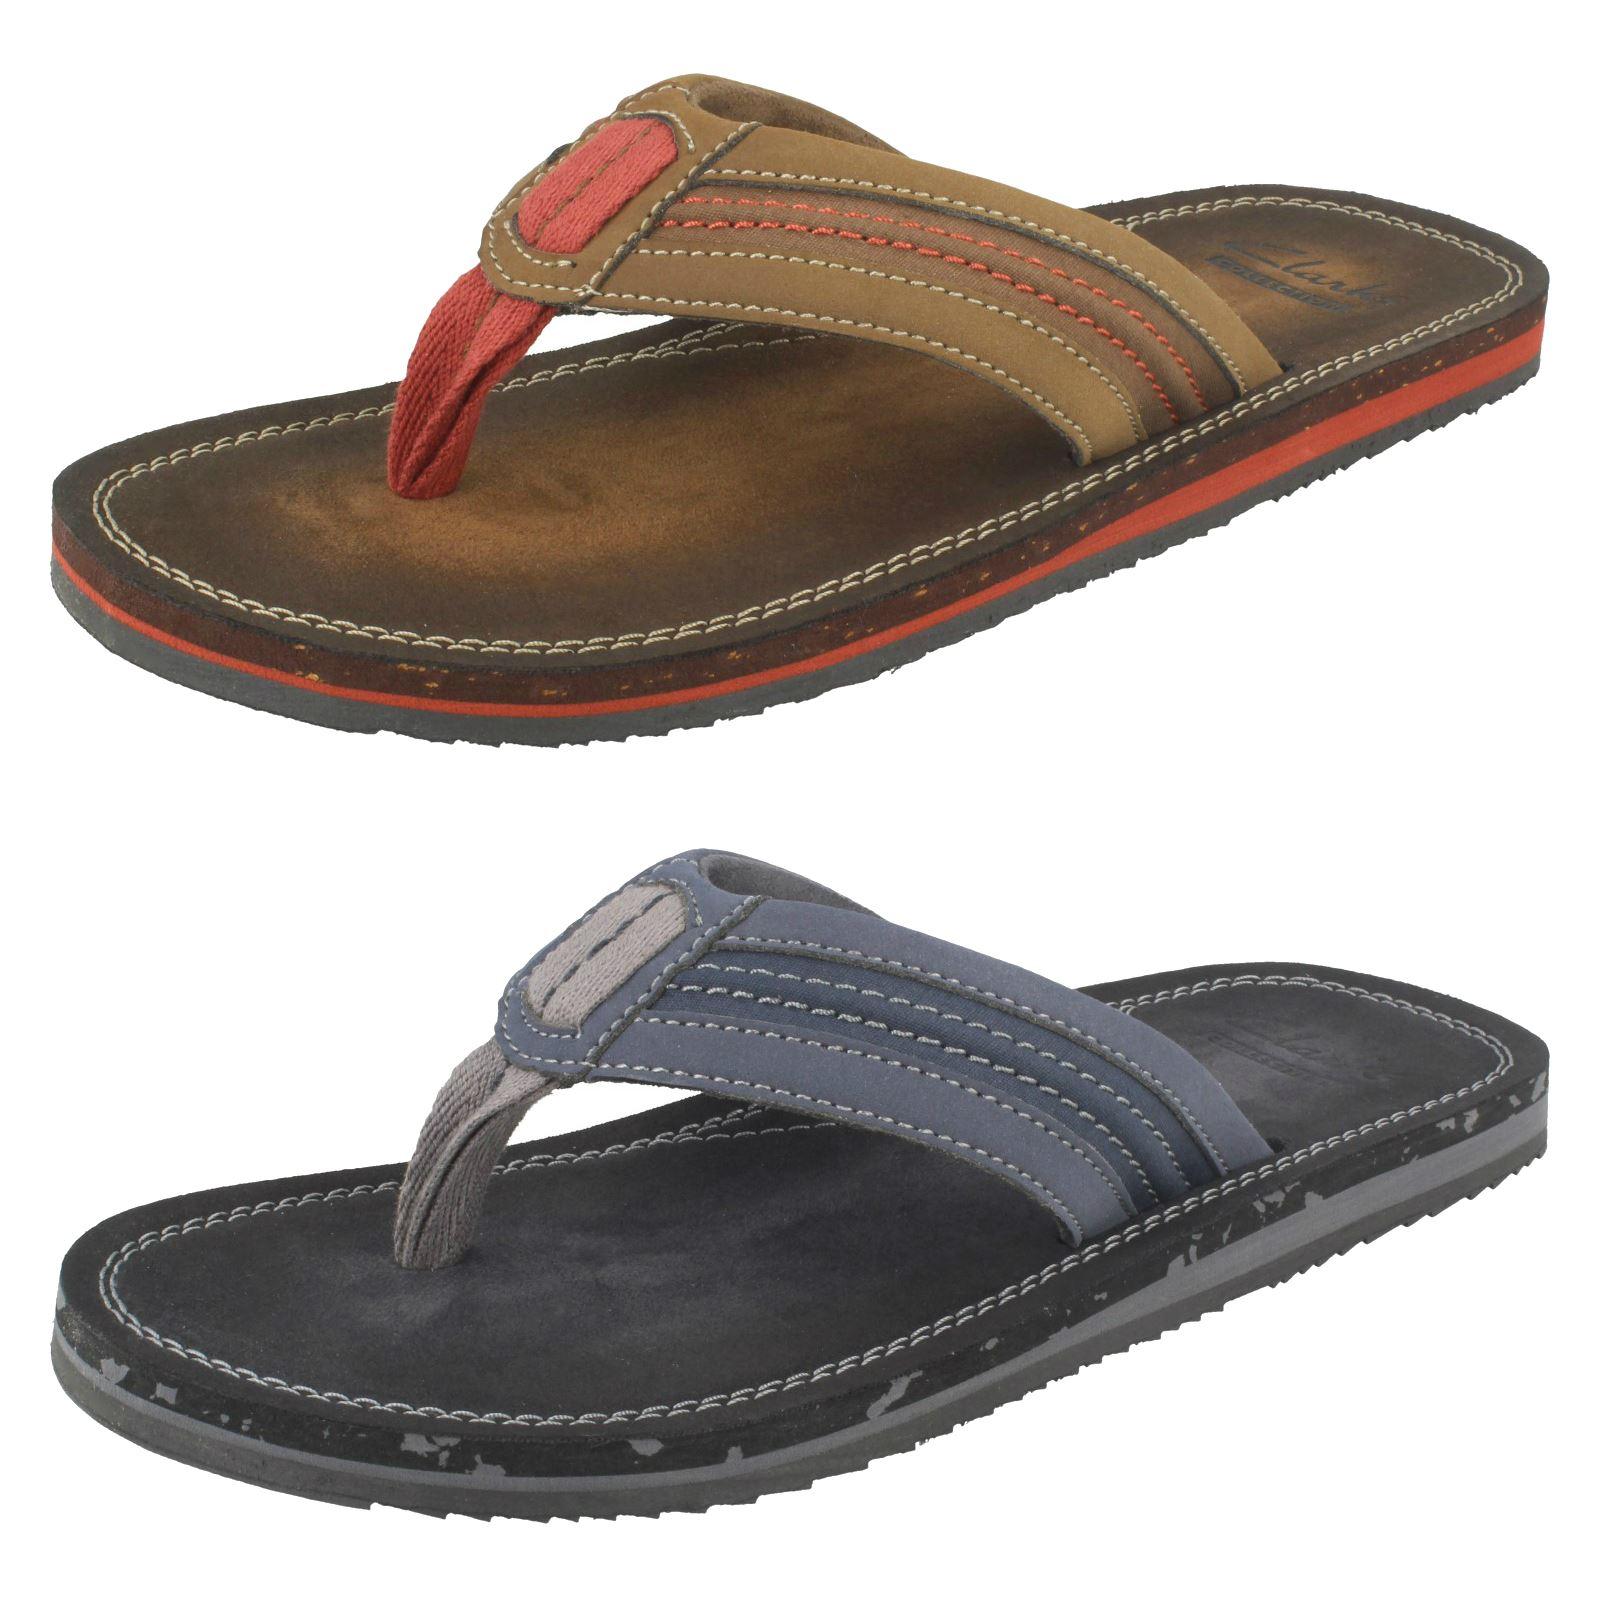 4e319e5f7 Mens Clarks Riverway Sun Toe Post Sandals